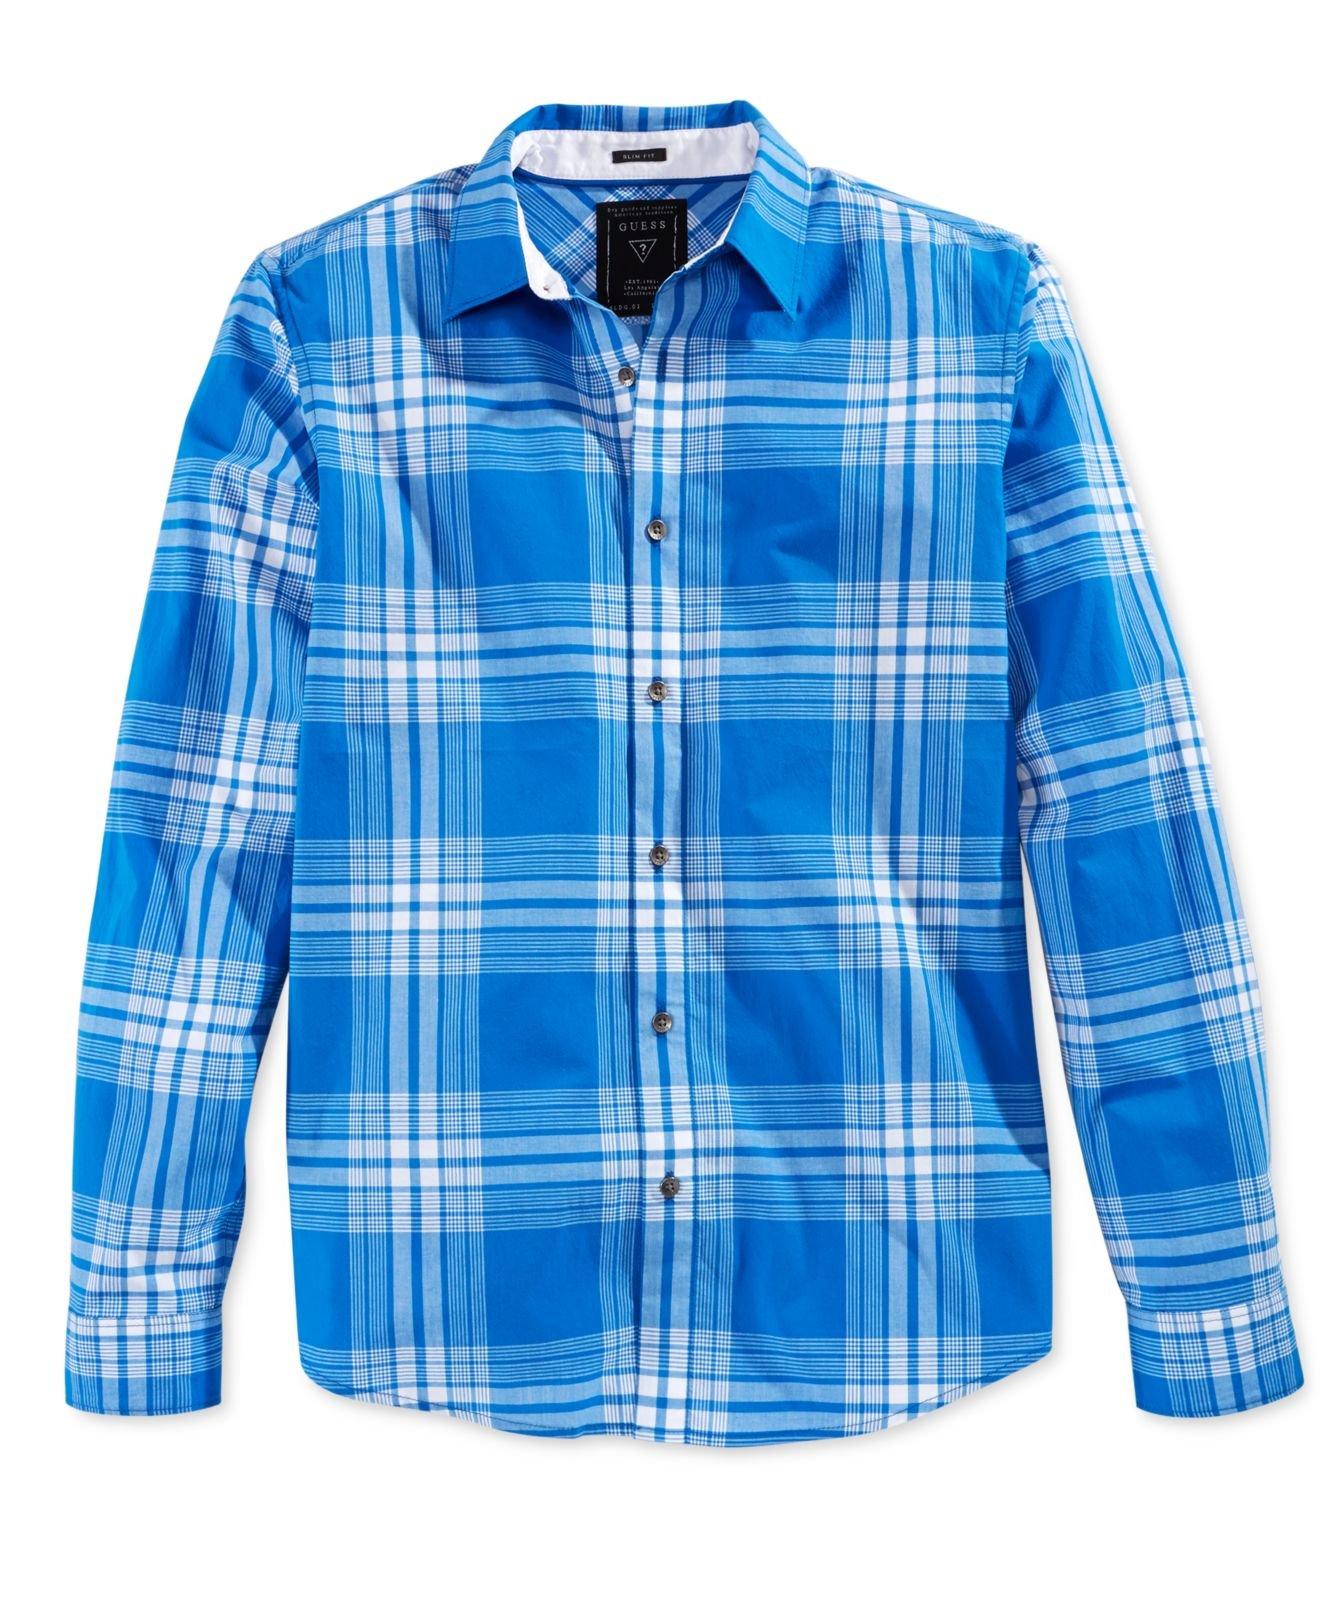 Calvin klein mens cotton long sleeve plaid casual shirt at for Mens plaid shirts long sleeve